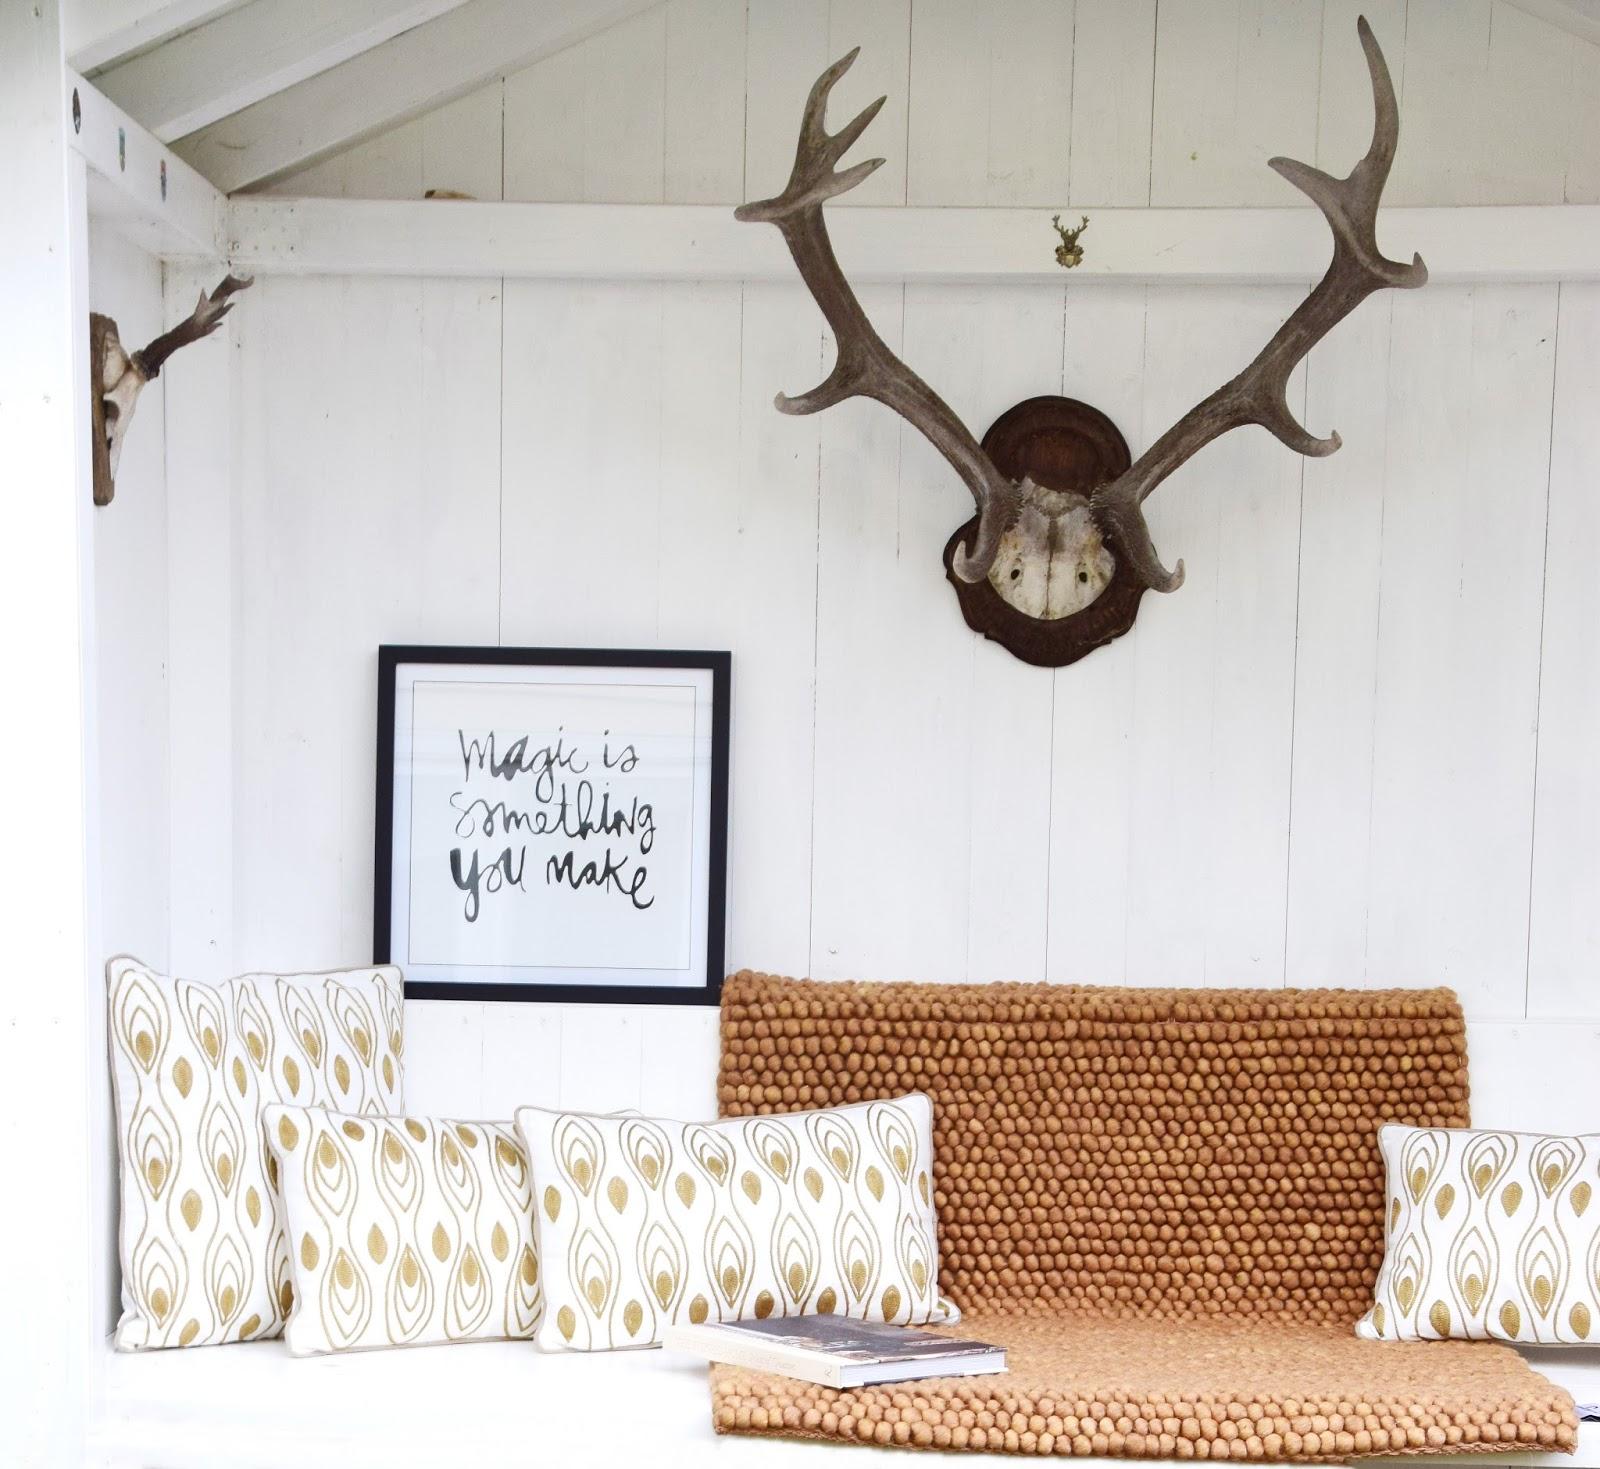 mein neuer glücklicher teppich und wollige deko-ideen für euch ... - Teppich Ideen